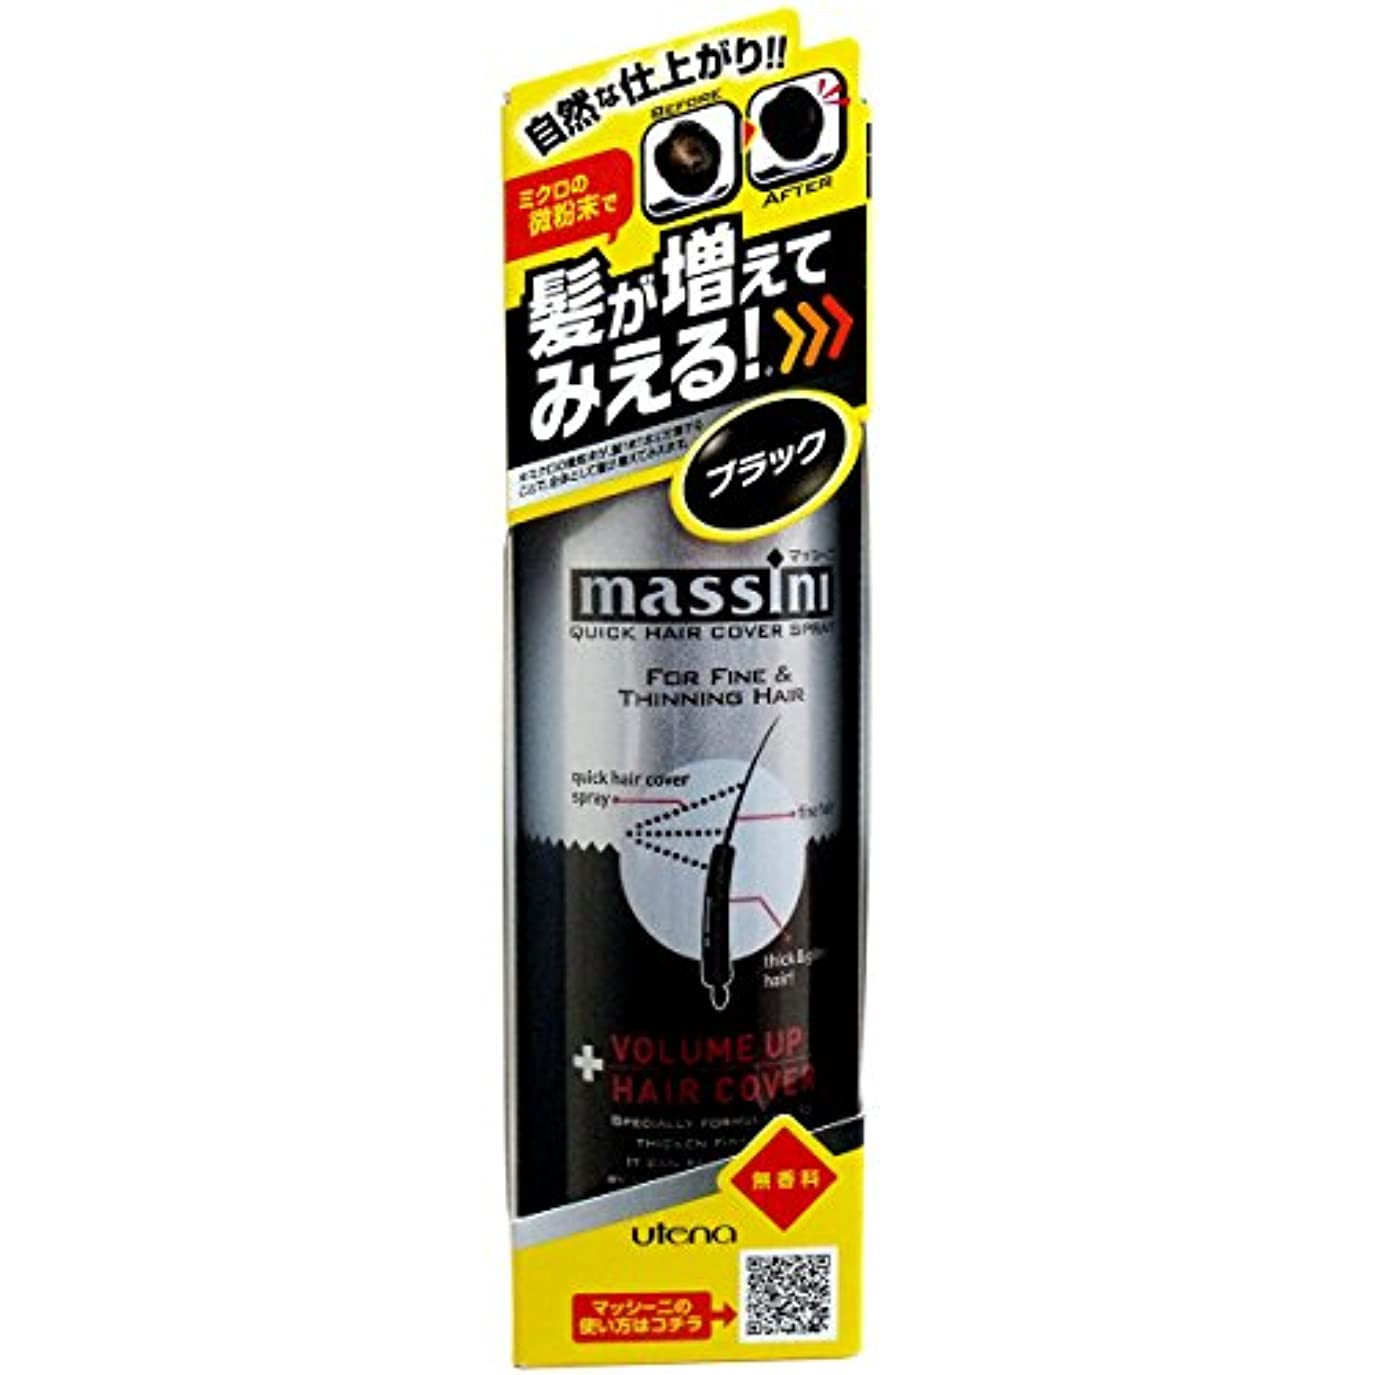 運河サイクル伝記【ウテナ】マッシーニ クィックヘアカバースプレー(ブラック) 140g ×10個セット